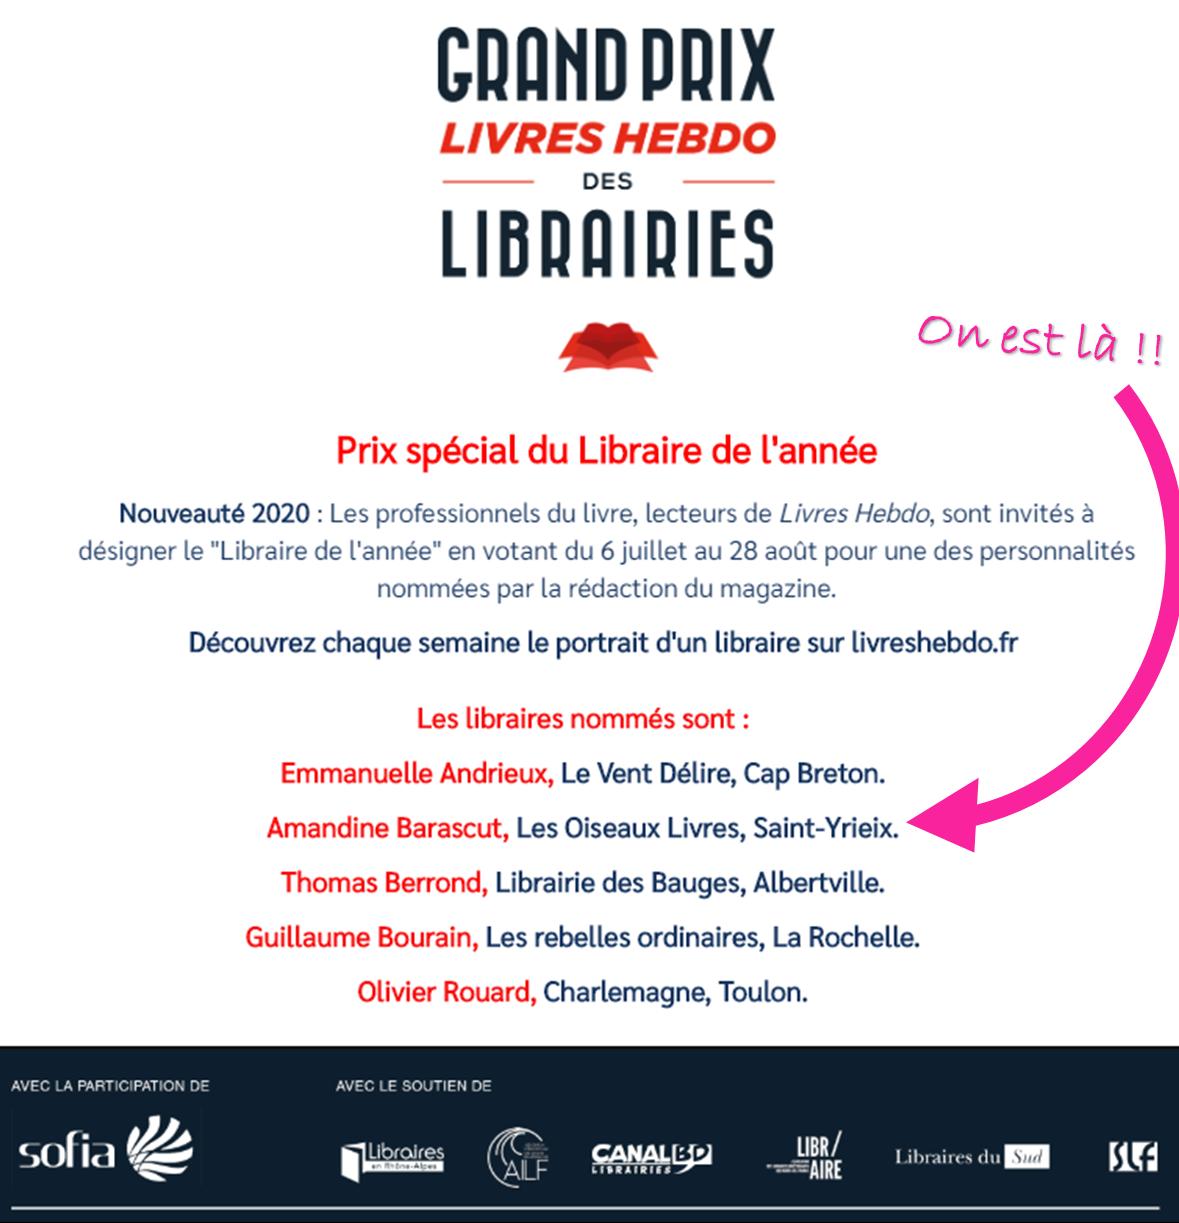 Votre libraire sélectionnées pour le Prix Spécial du Libraire de l'année de Livres Hebdo !!